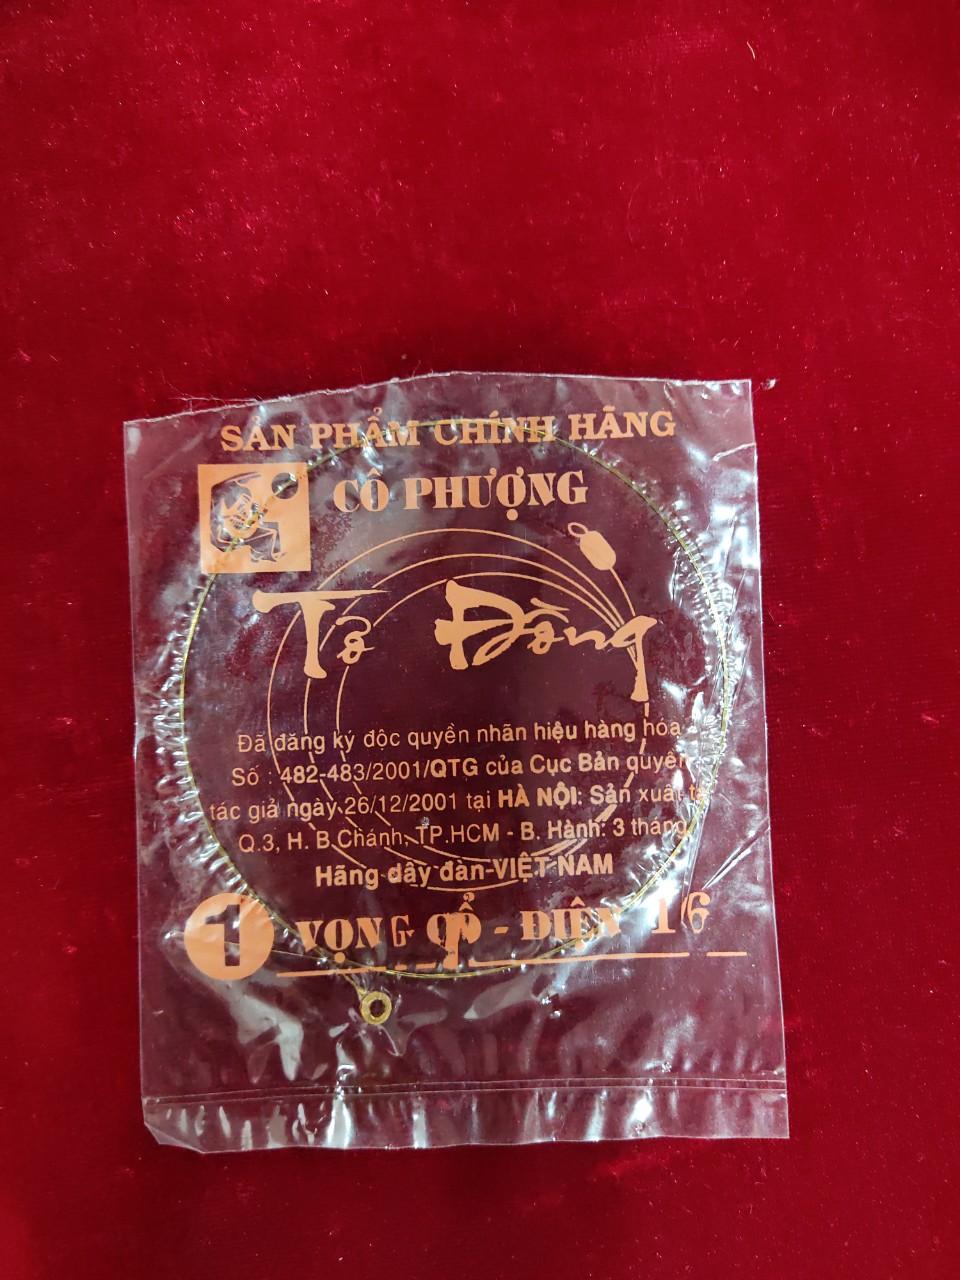 Dây vọng cổ điện số 1 Cô Phượng 17 Tơ Đồng